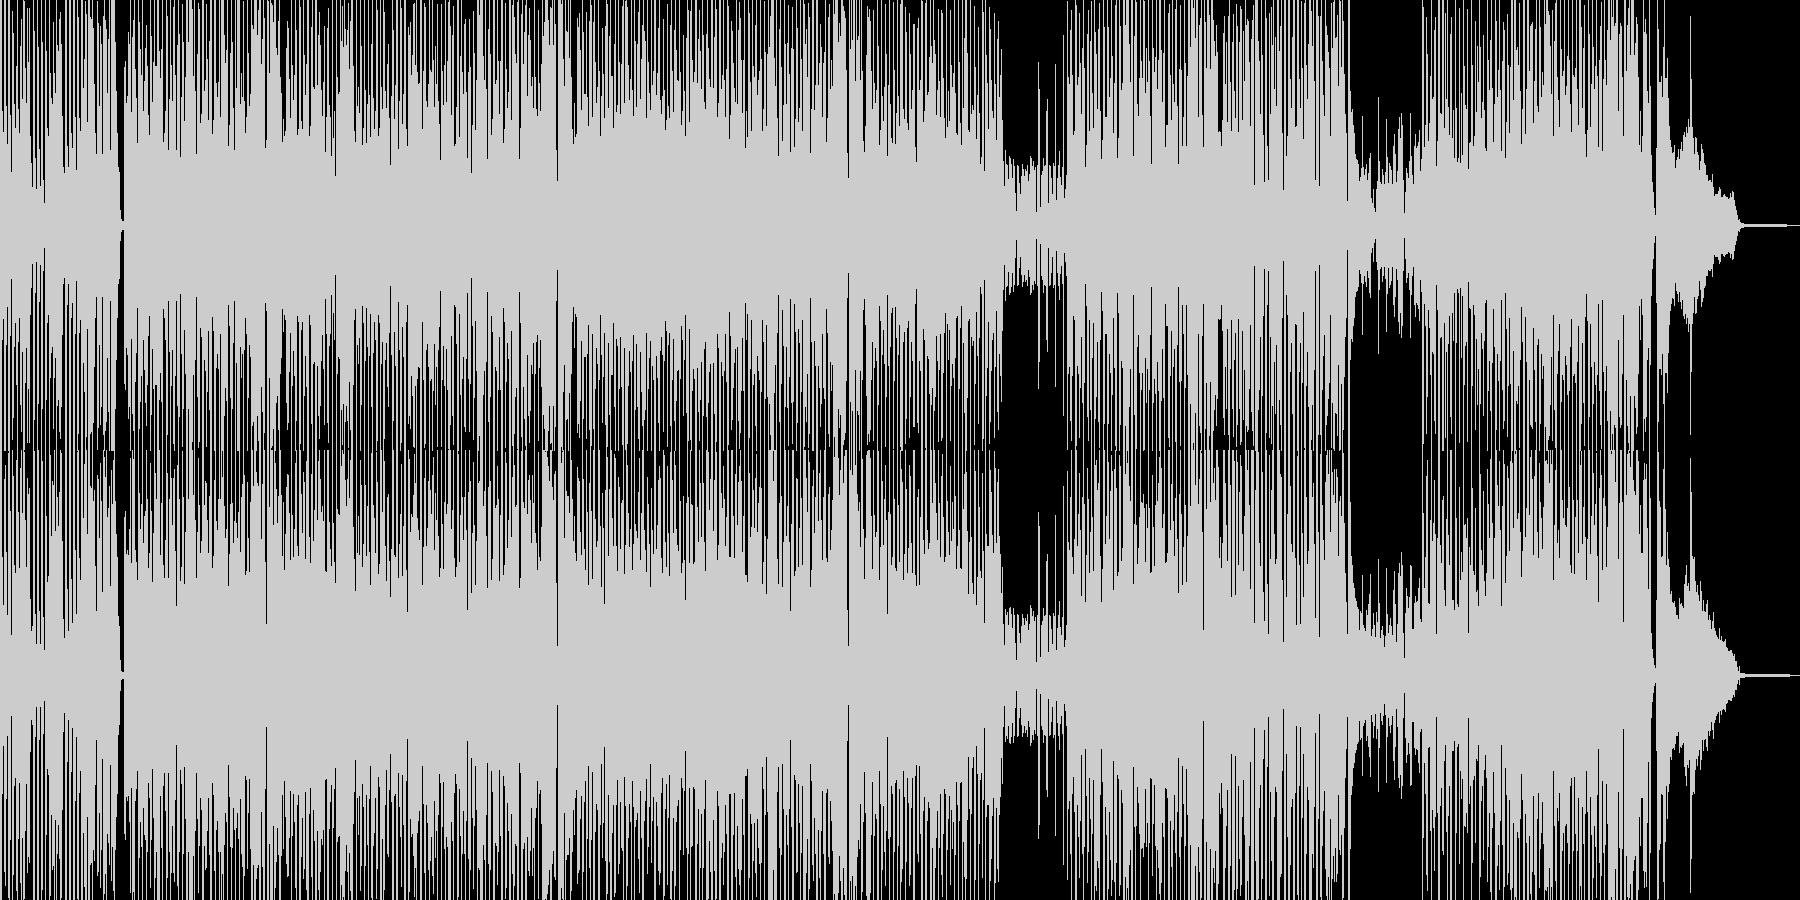 カートゥーン調のピアノ&サックスジャズの未再生の波形